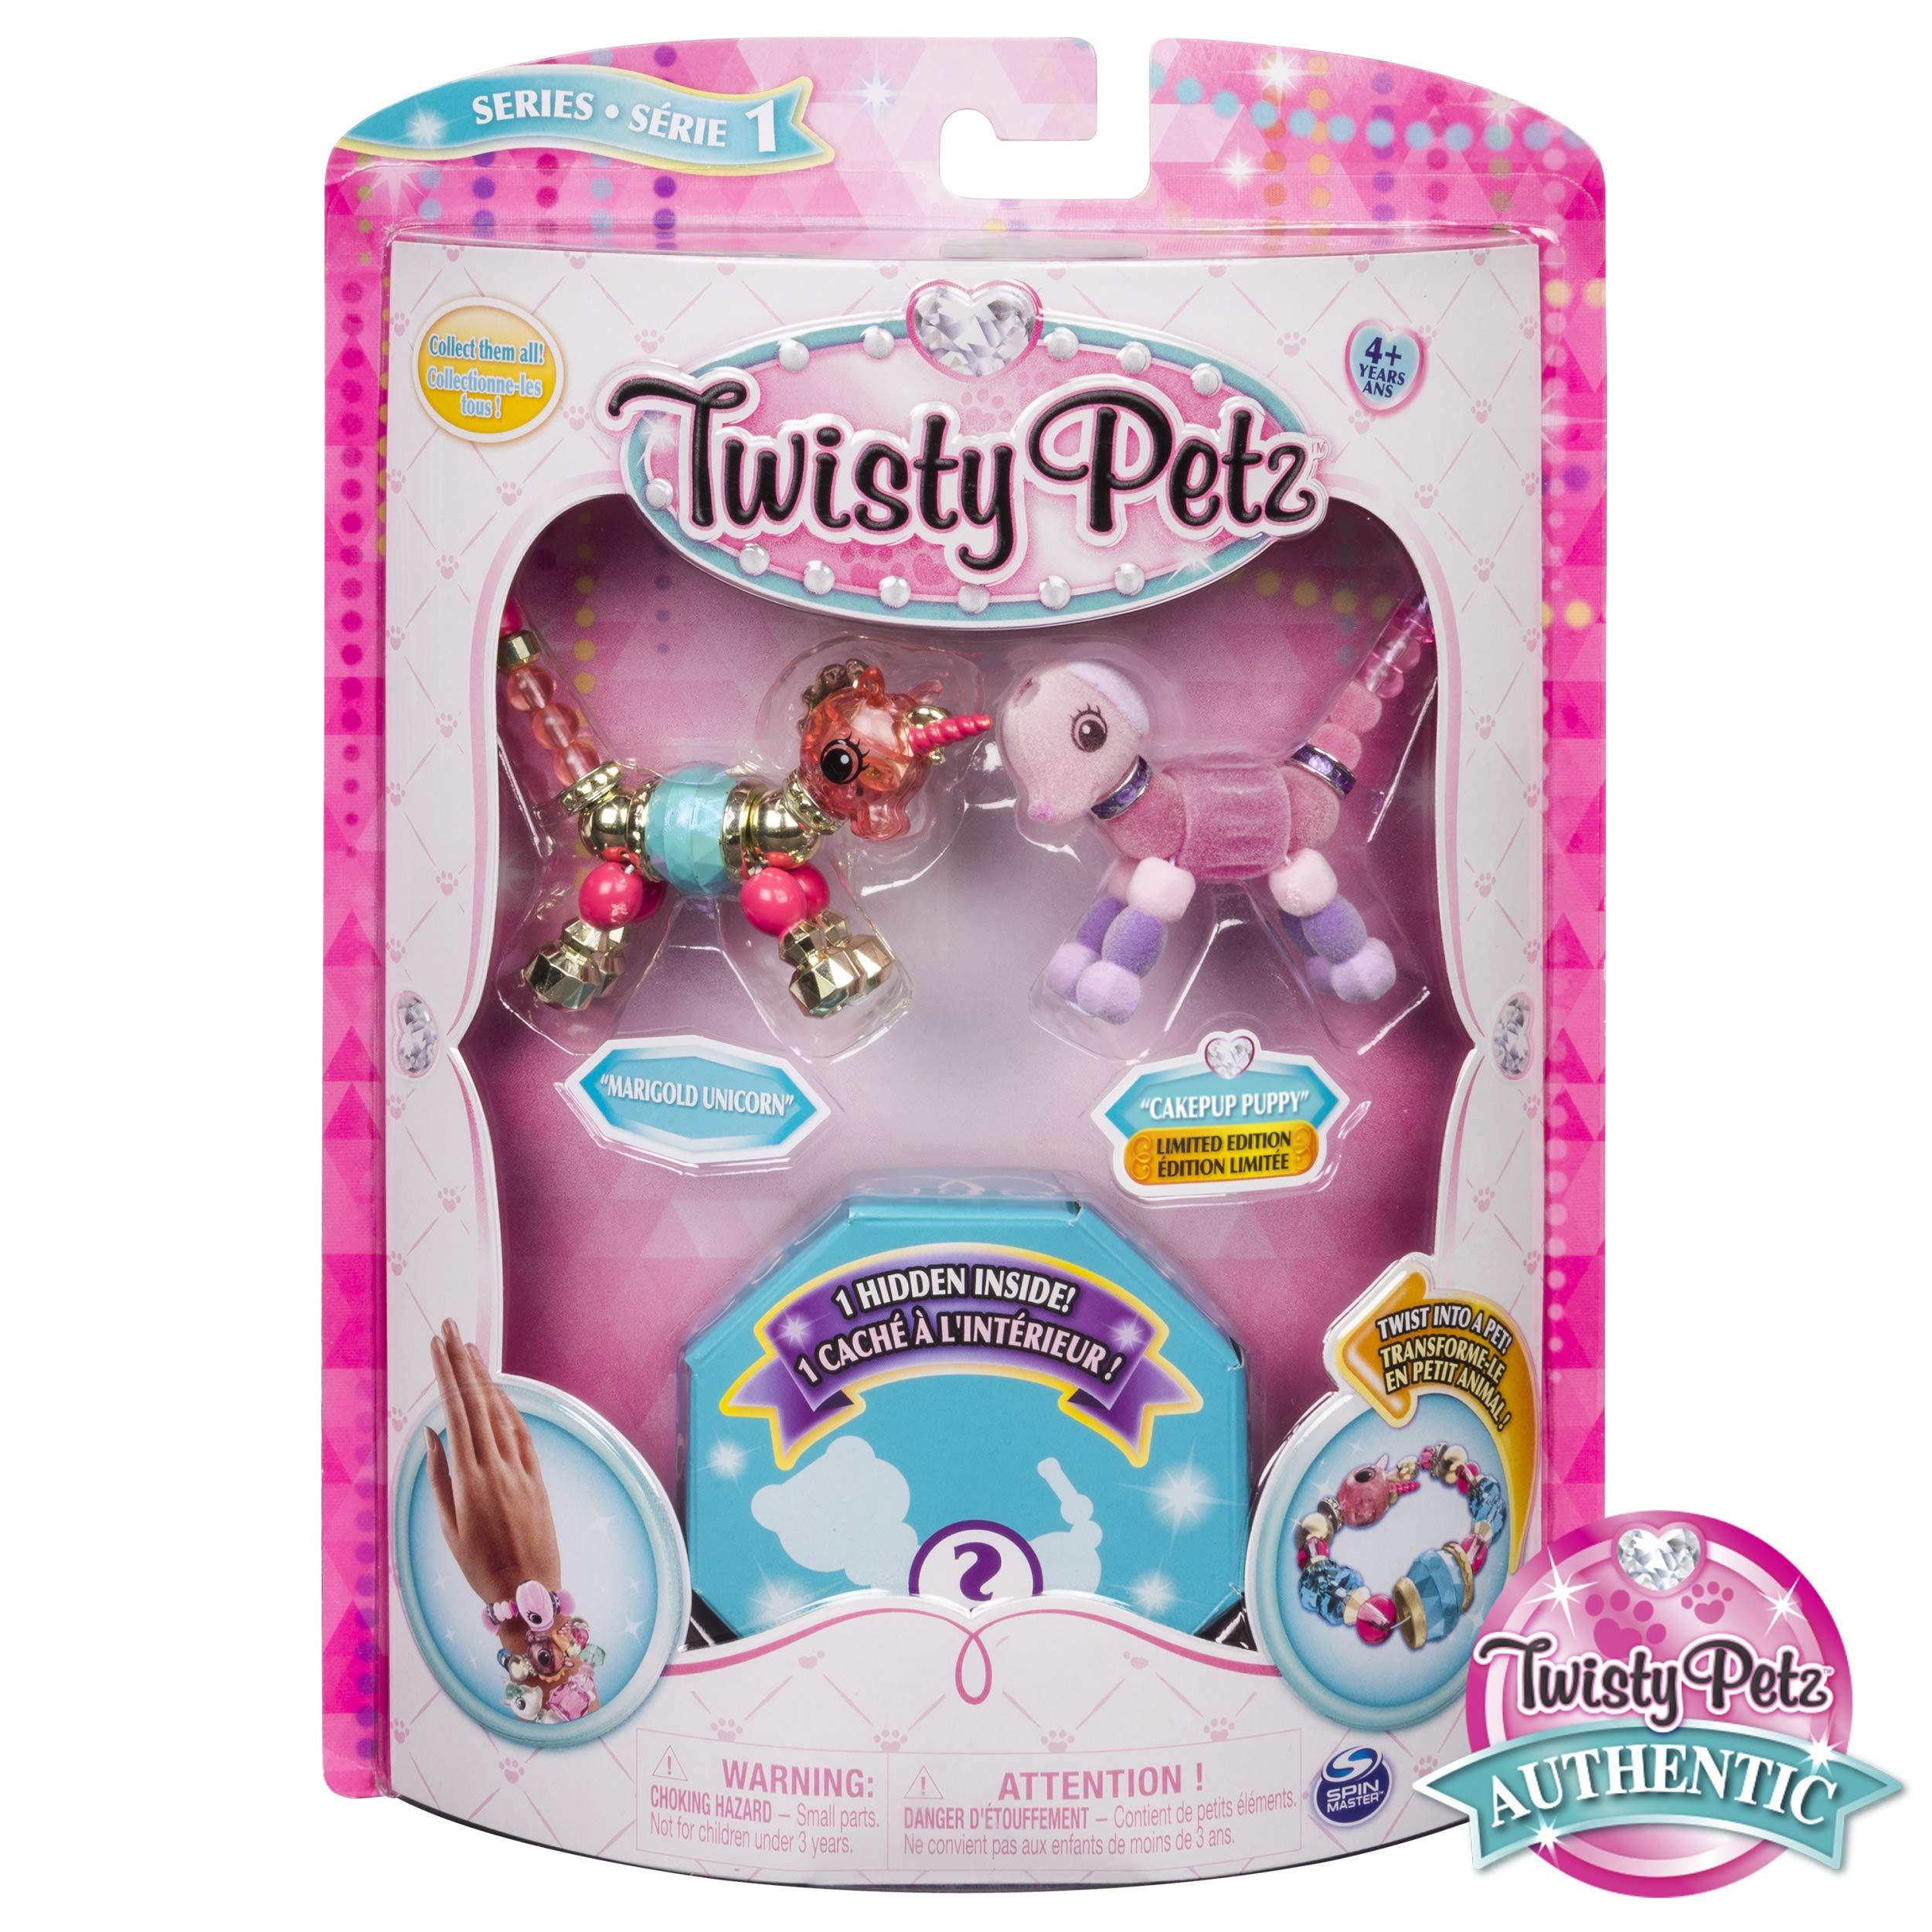 Twisty Petz Collectible Bracelet Set, Unicorn, Puppy & Surprise Pet 3-Pack